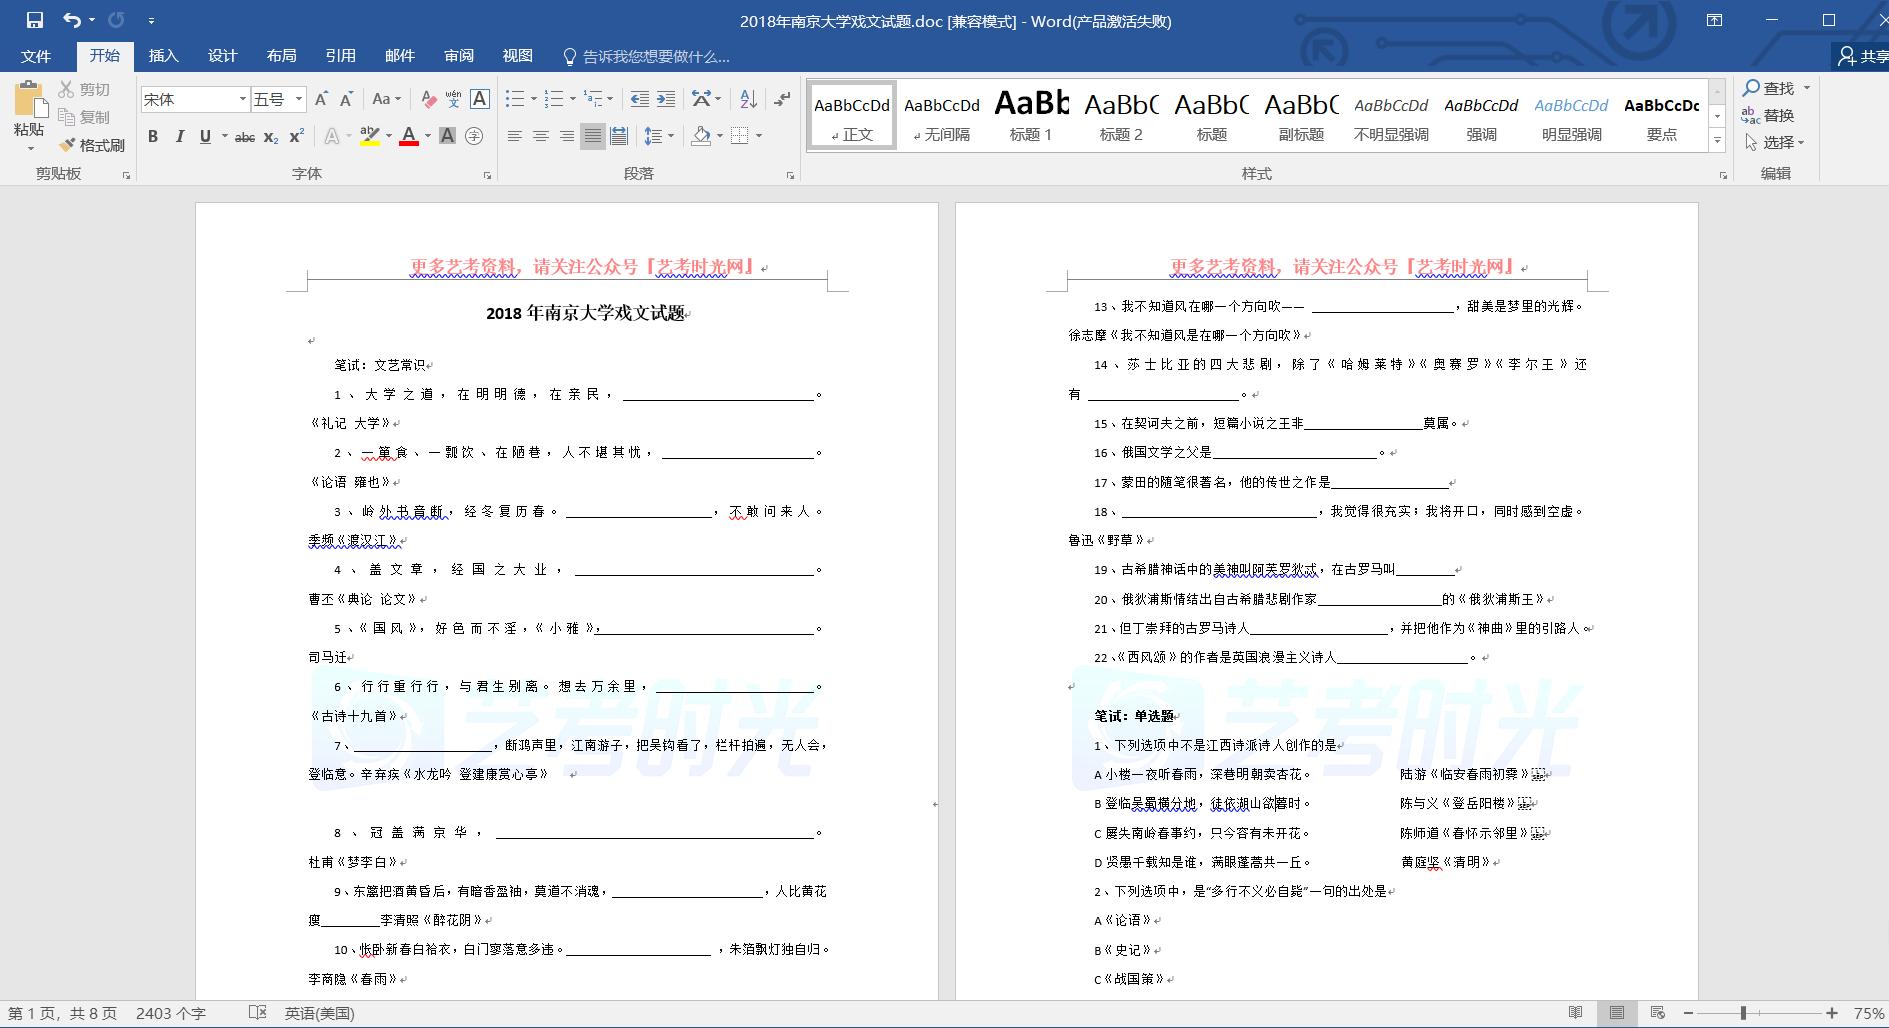 2018年南京大学戏文试题(含答案)